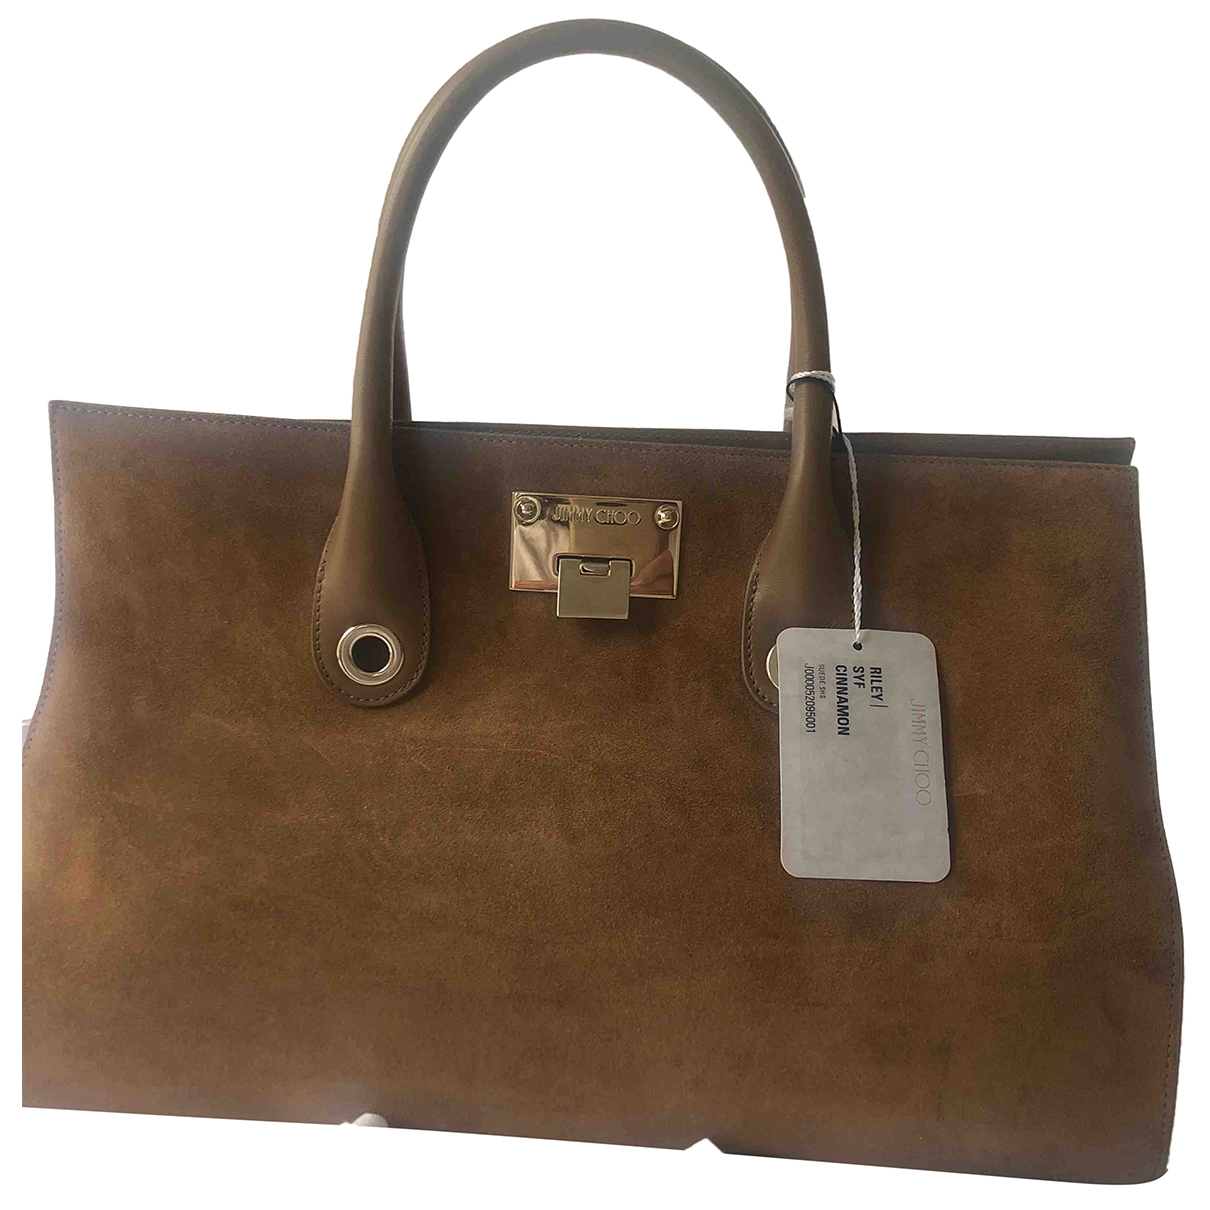 Jimmy Choo \N Camel Suede handbag for Women \N